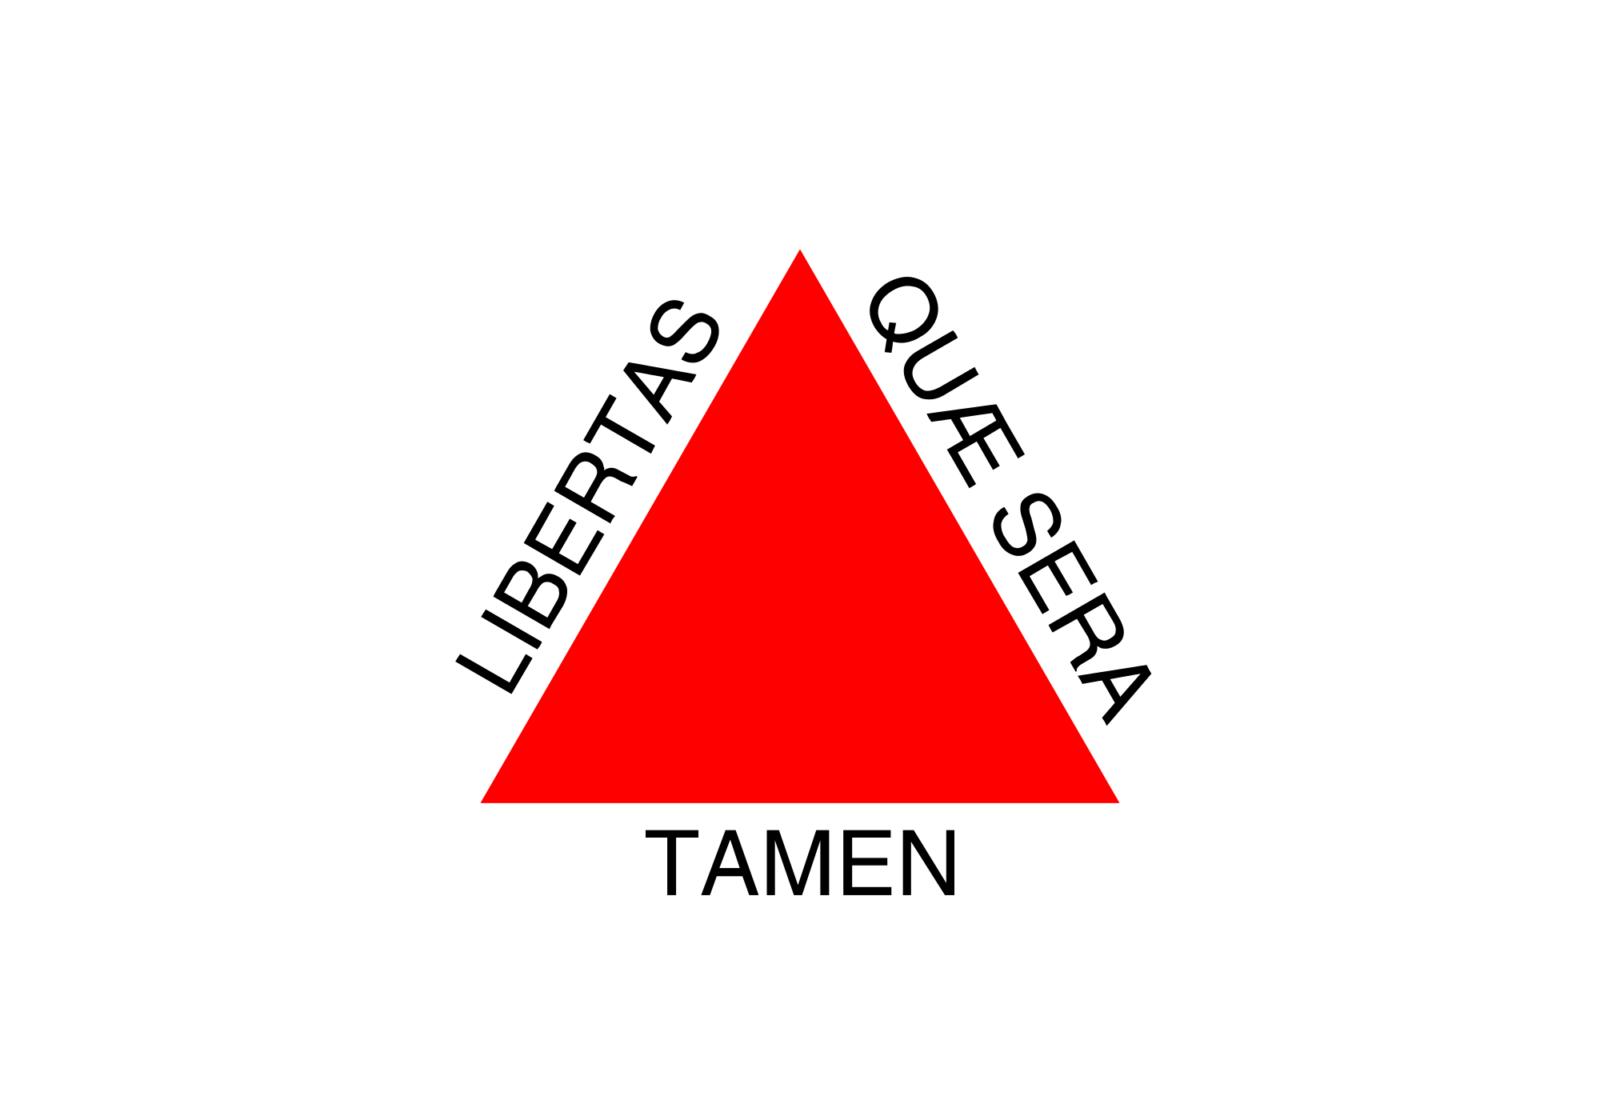 Segundo turno das eleições 2018: confira os números dos candidatos a governador de Minas Gerais